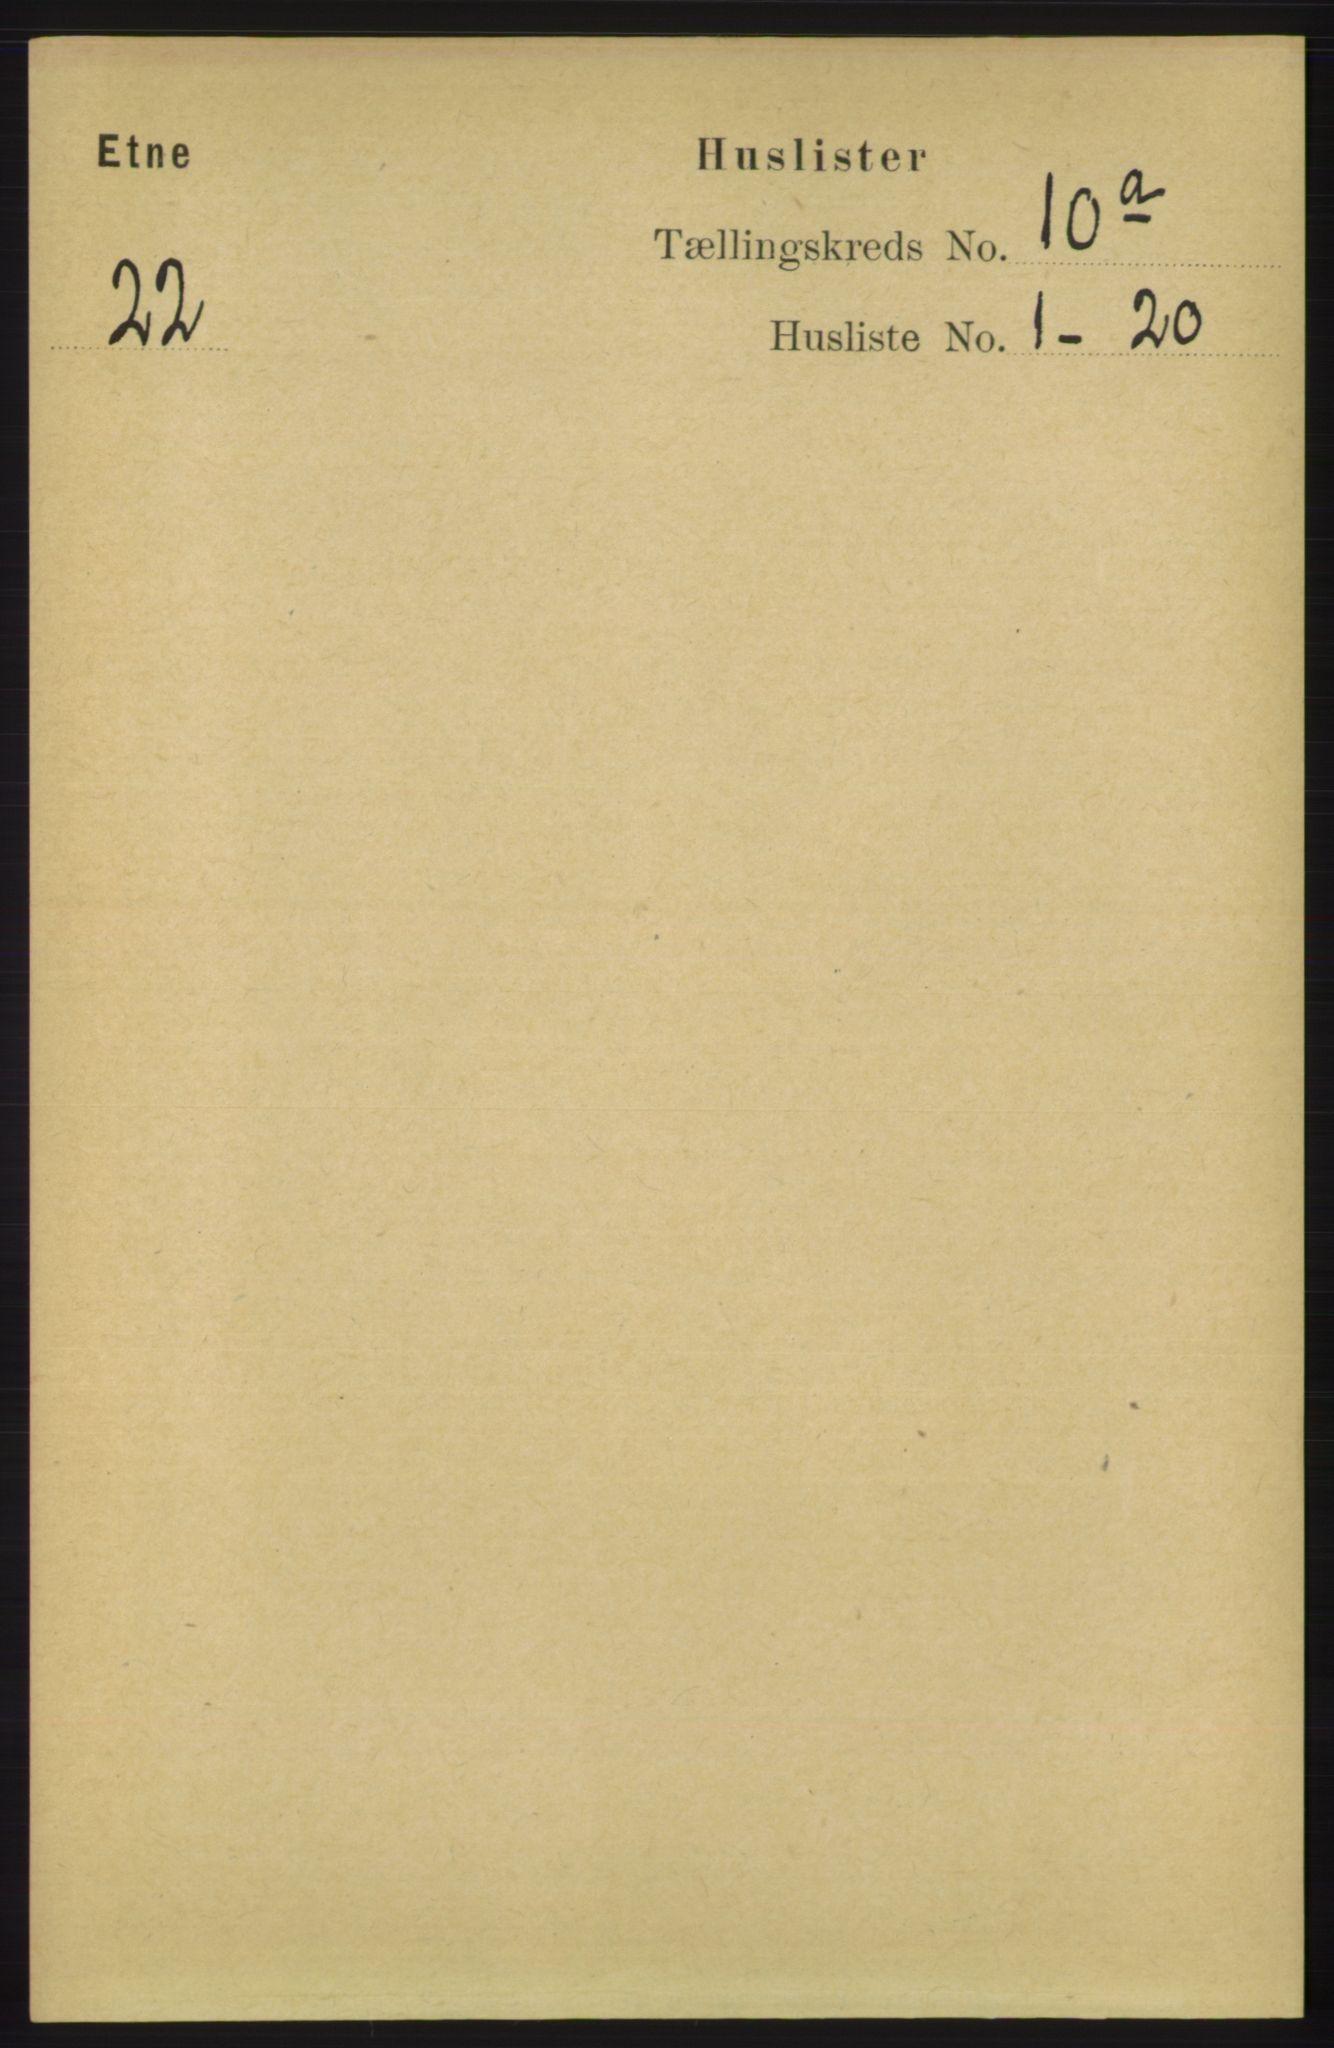 RA, Folketelling 1891 for 1211 Etne herred, 1891, s. 1840